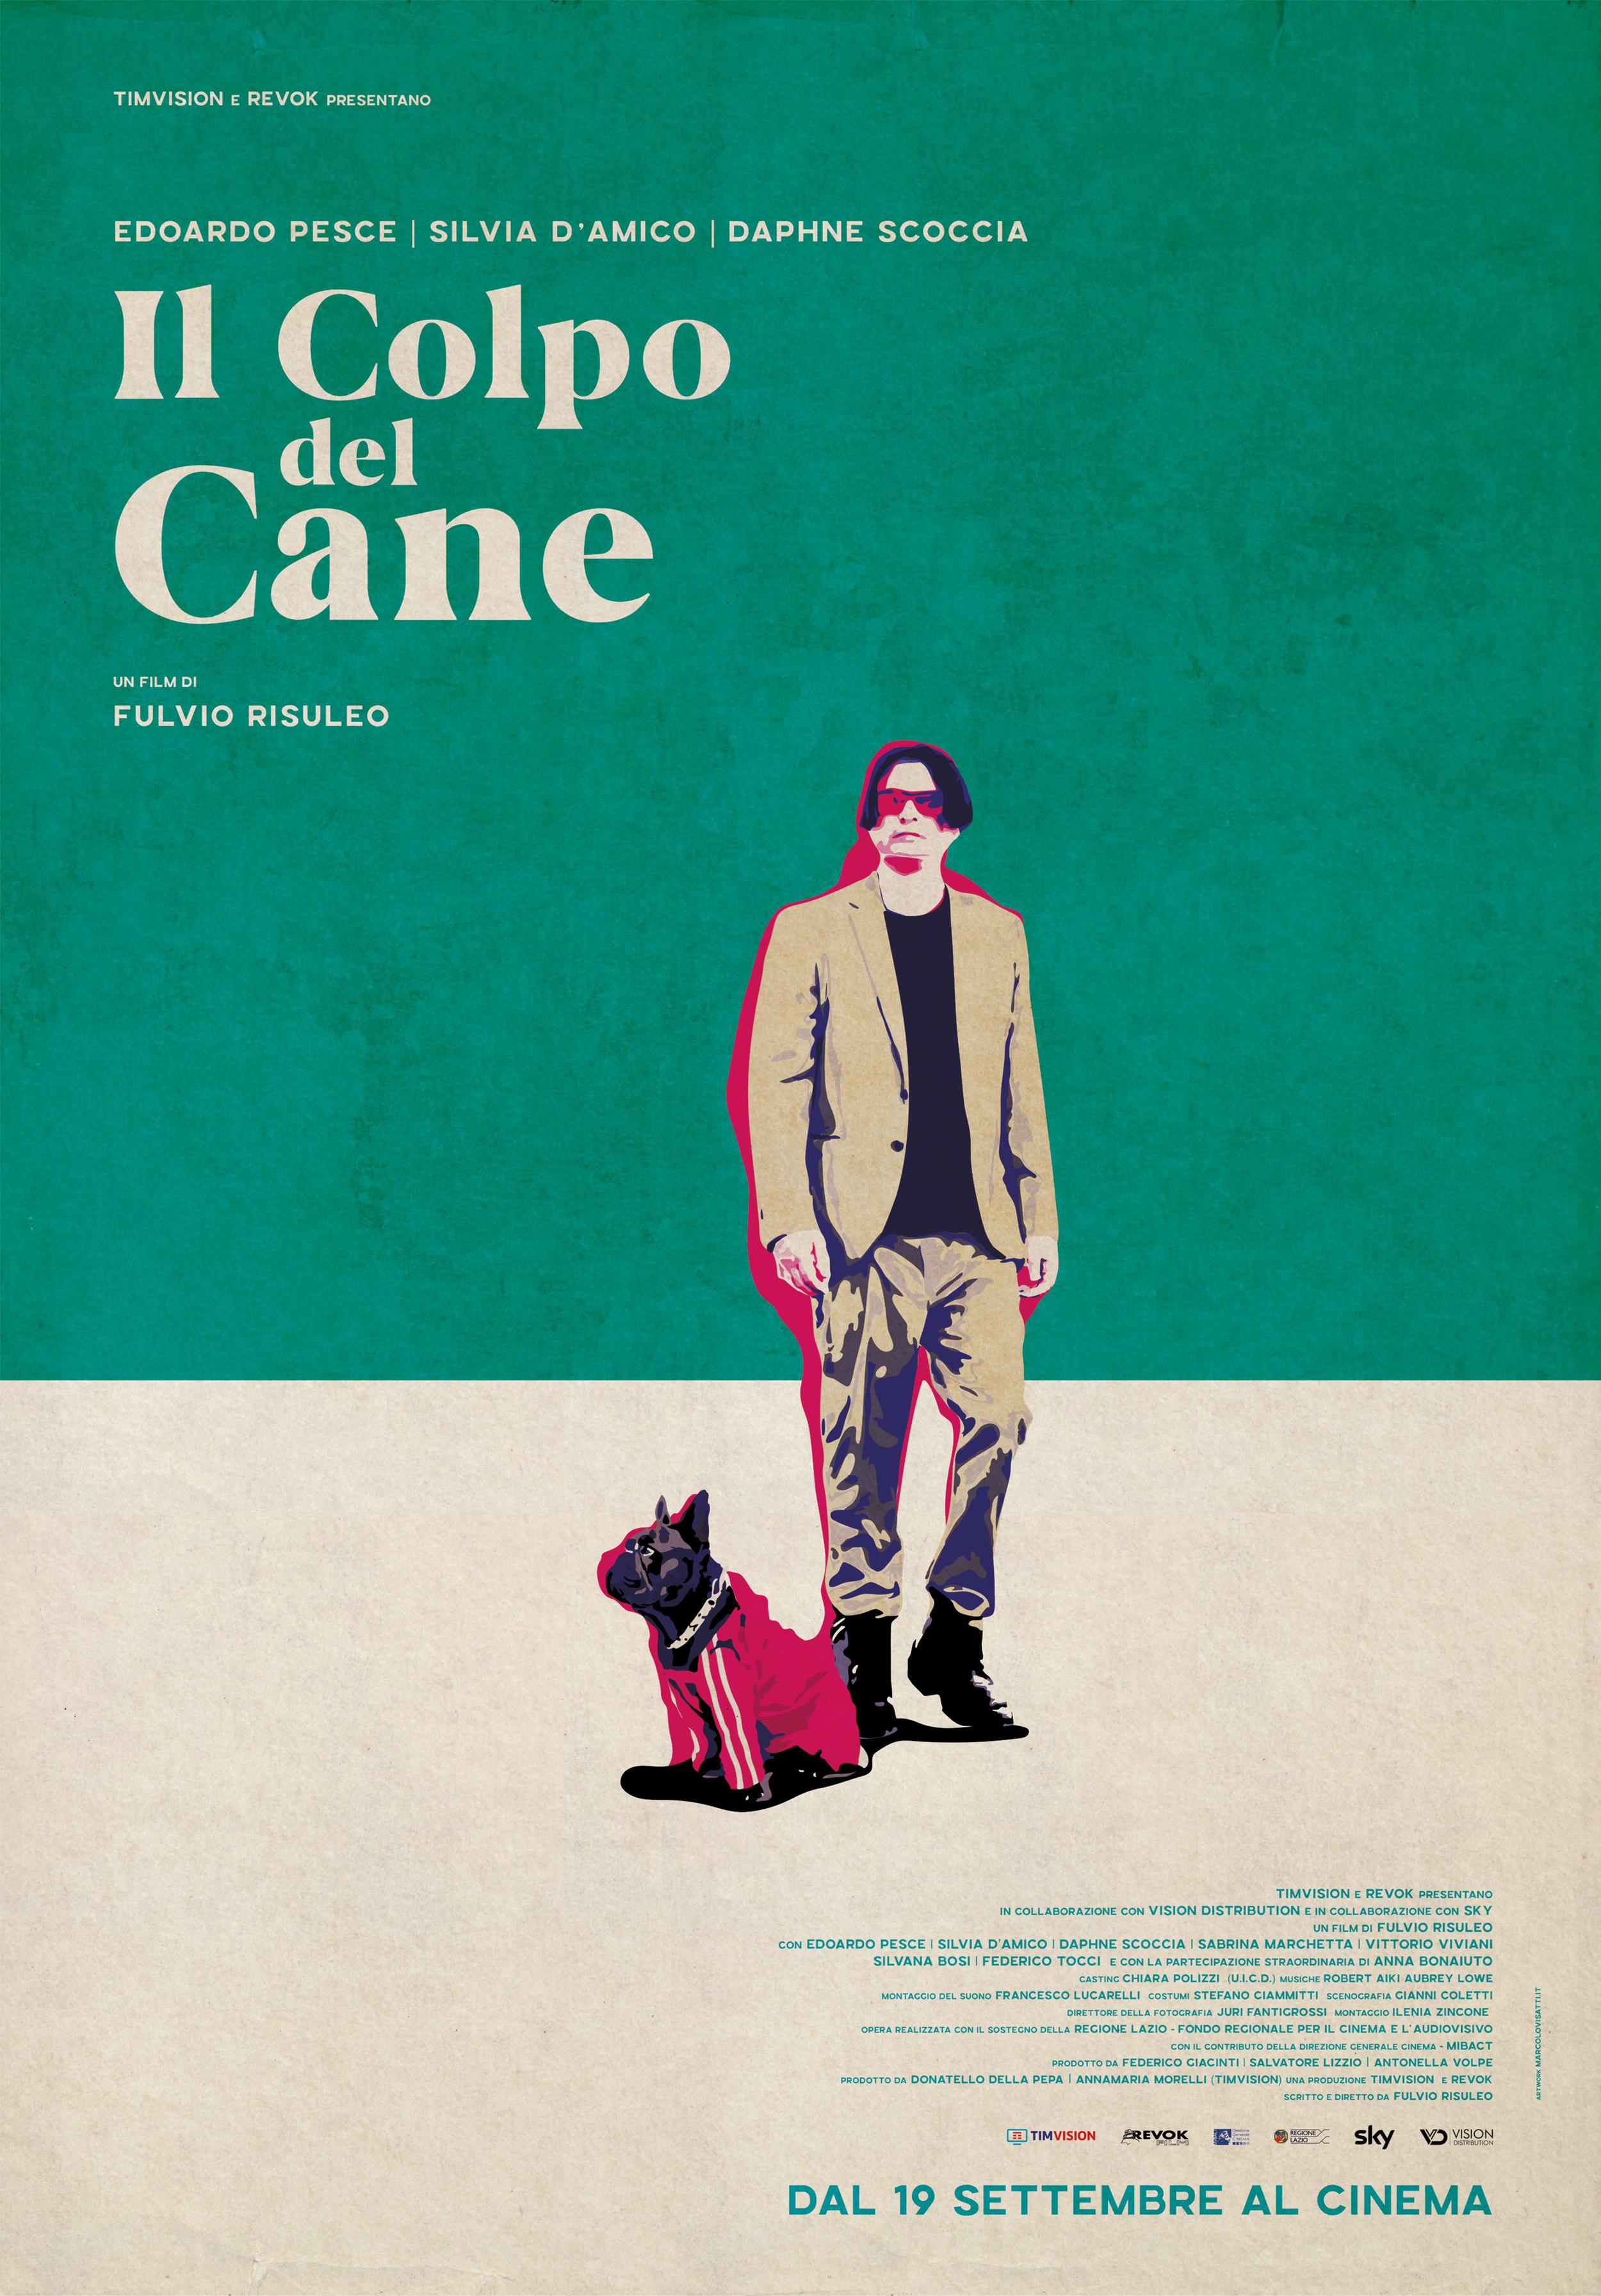 Il Colpo del Cane Manifesto